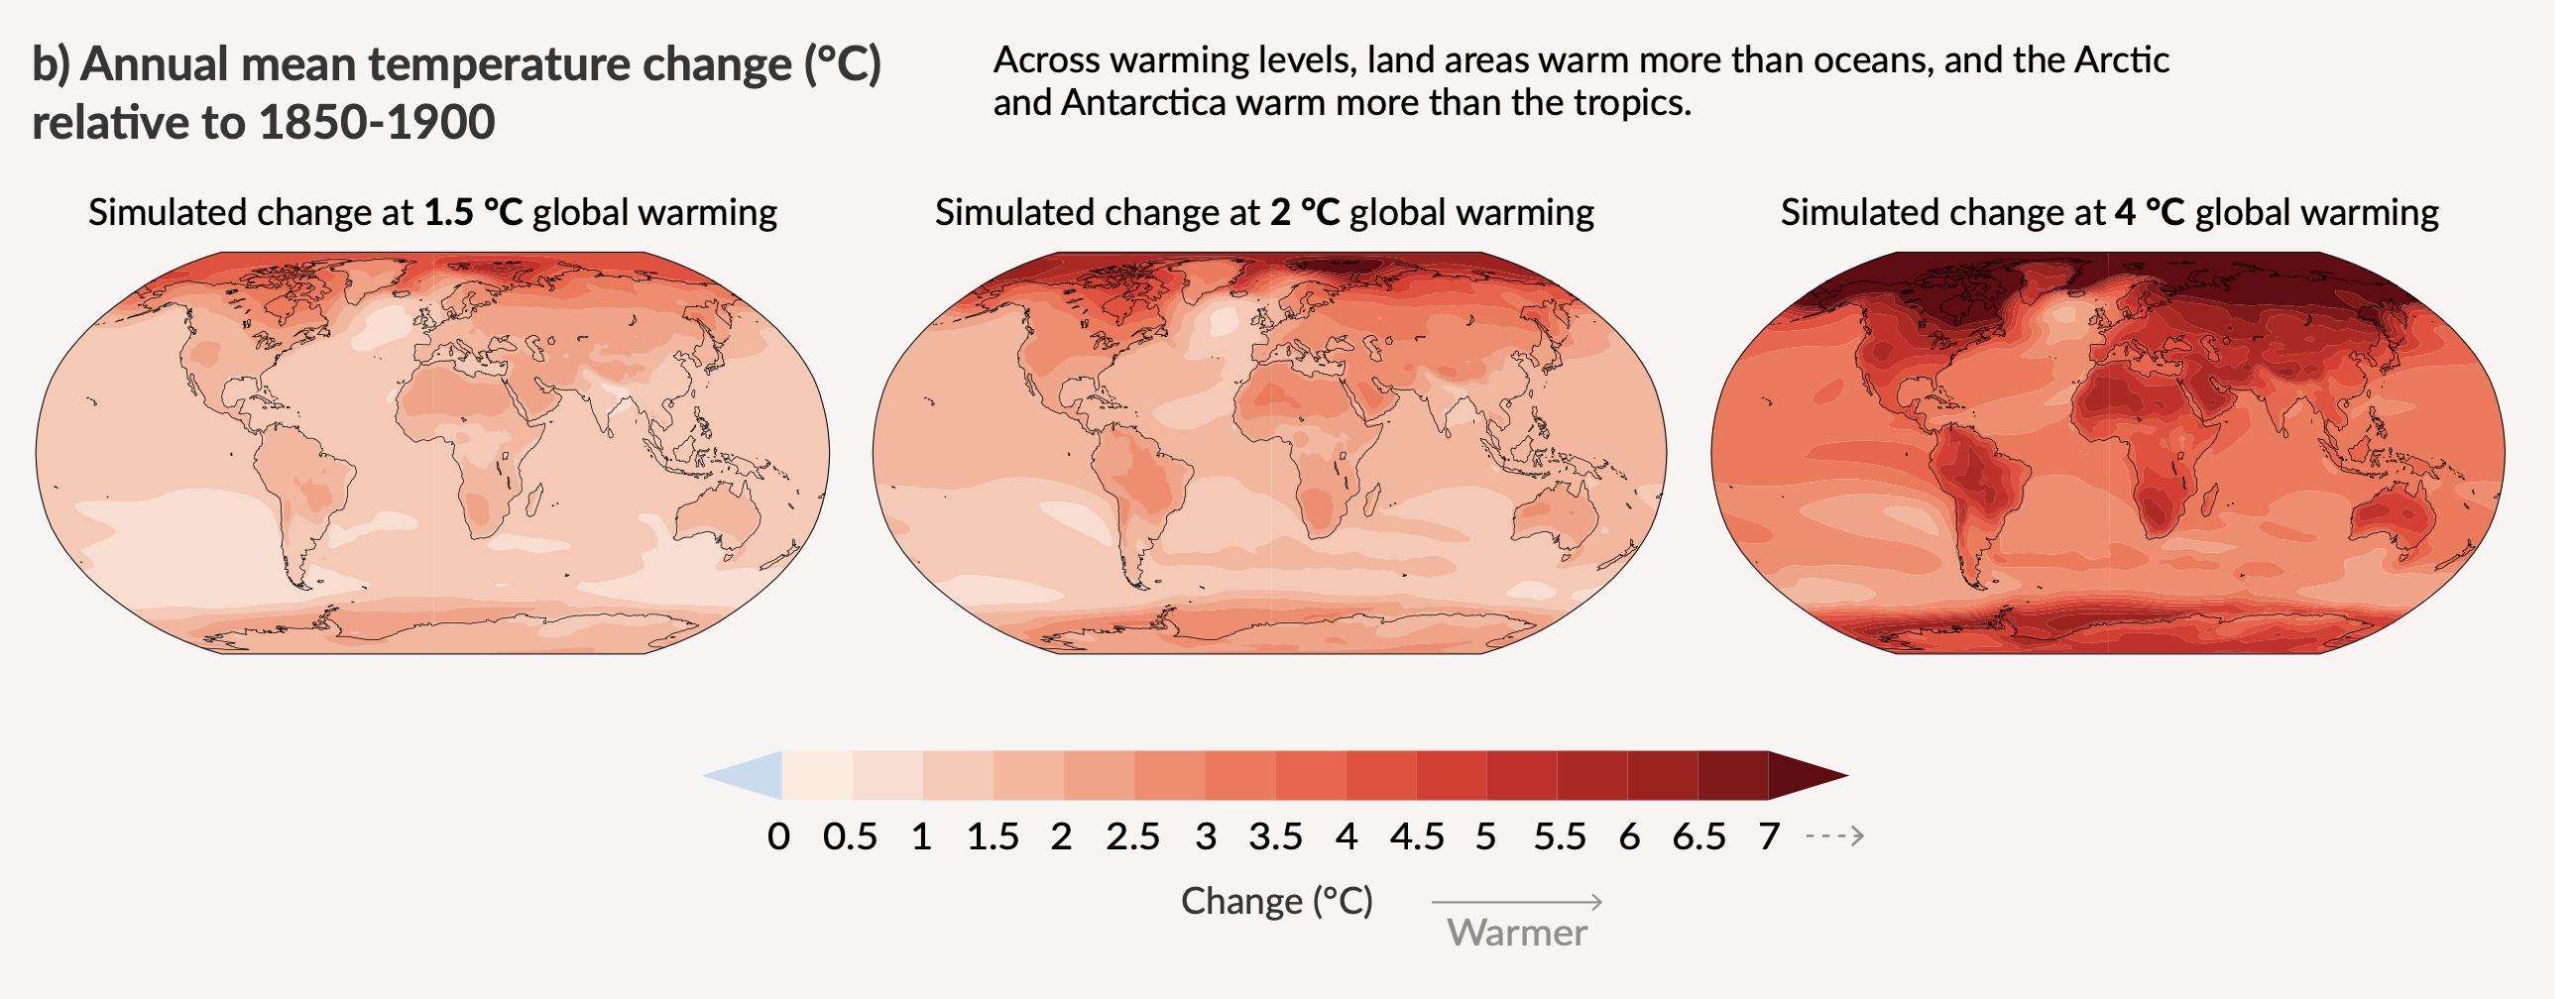 IPCC's forventning til temperaturændring